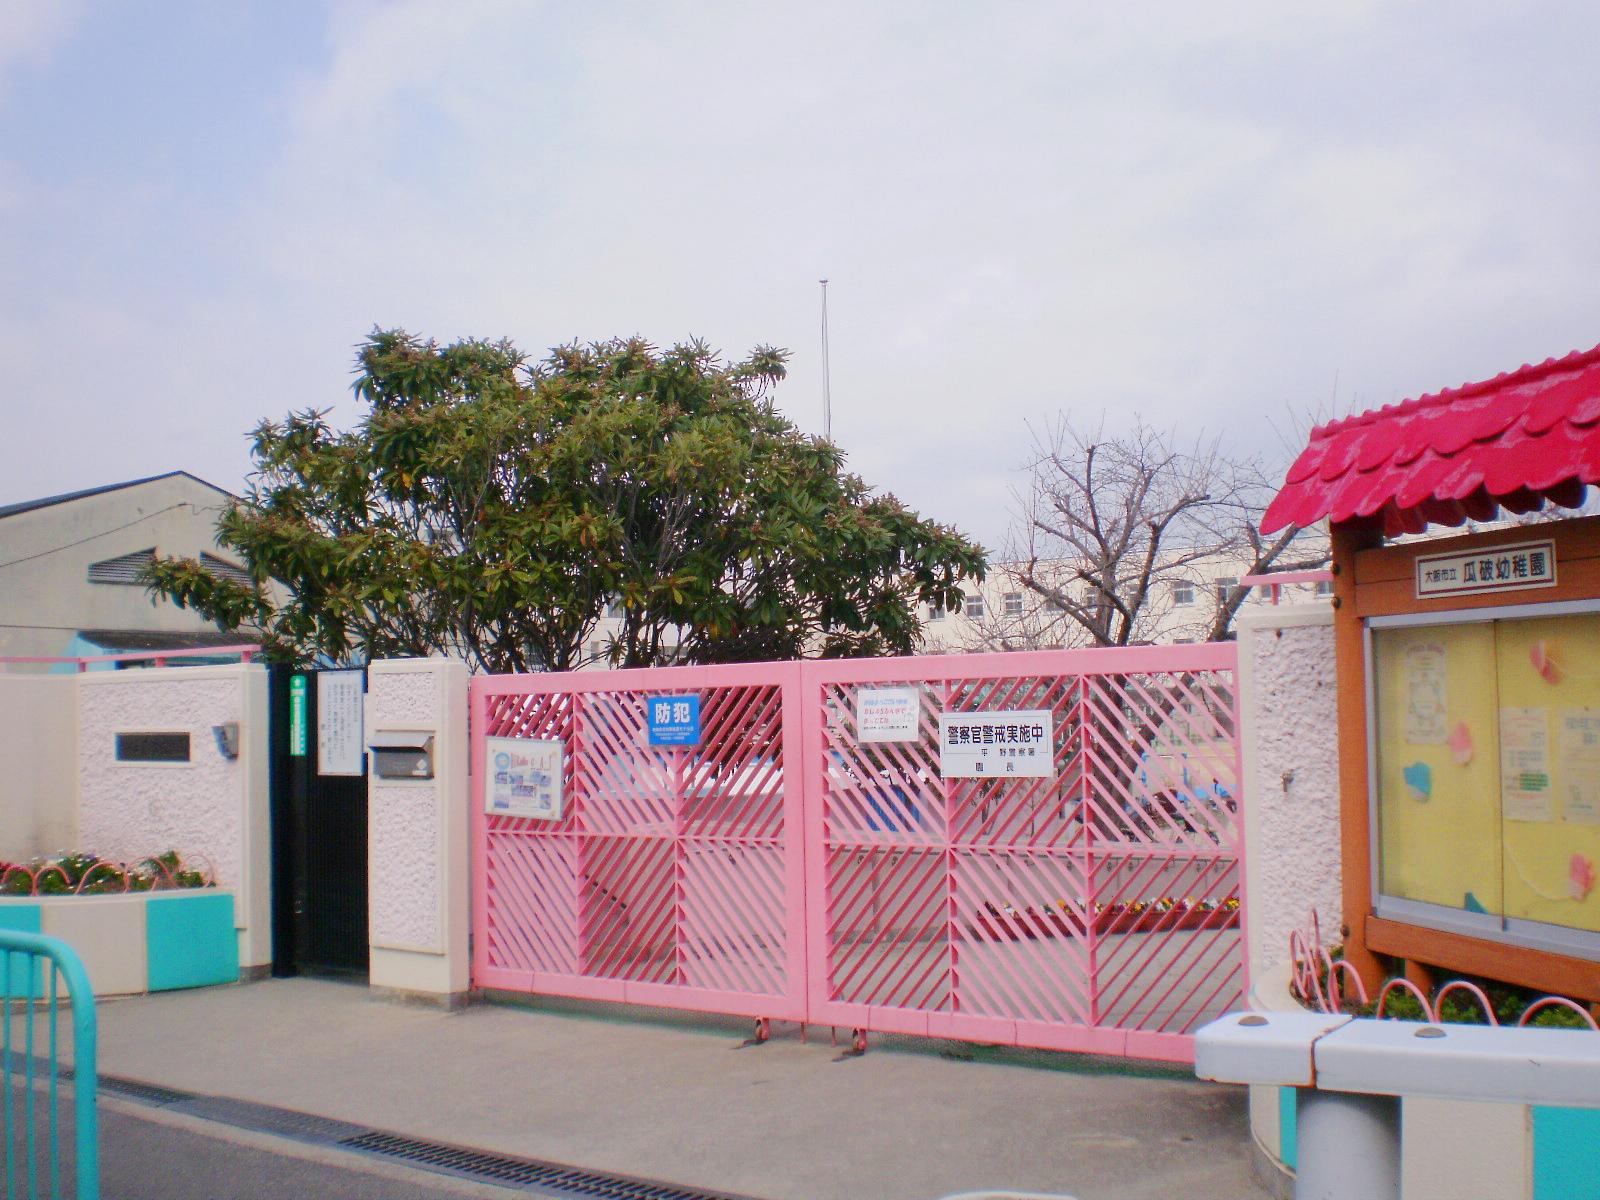 幼稚園・保育園 大阪市立瓜破幼稚園(幼稚園・保育園)まで297m